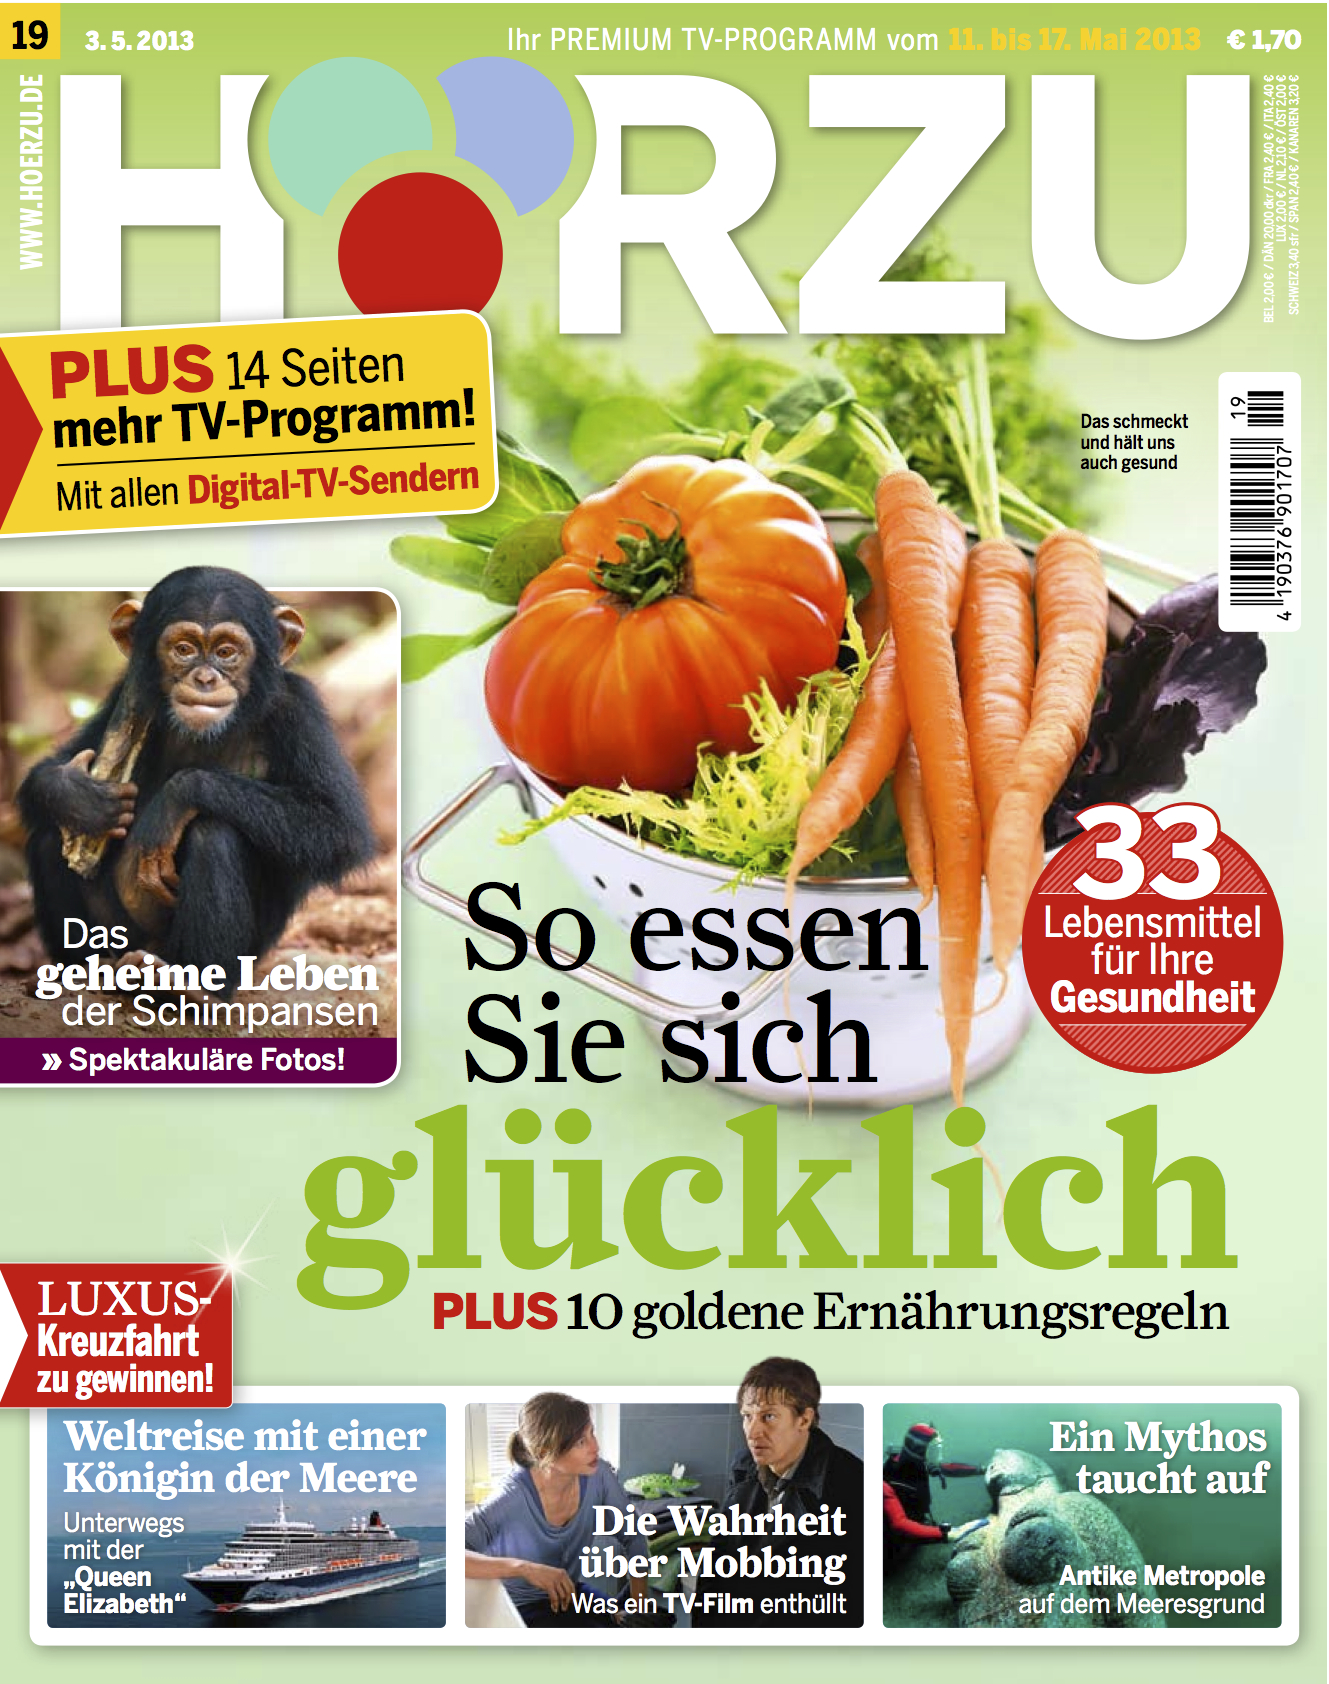 HZ_3.5.2013_Cover.jpg